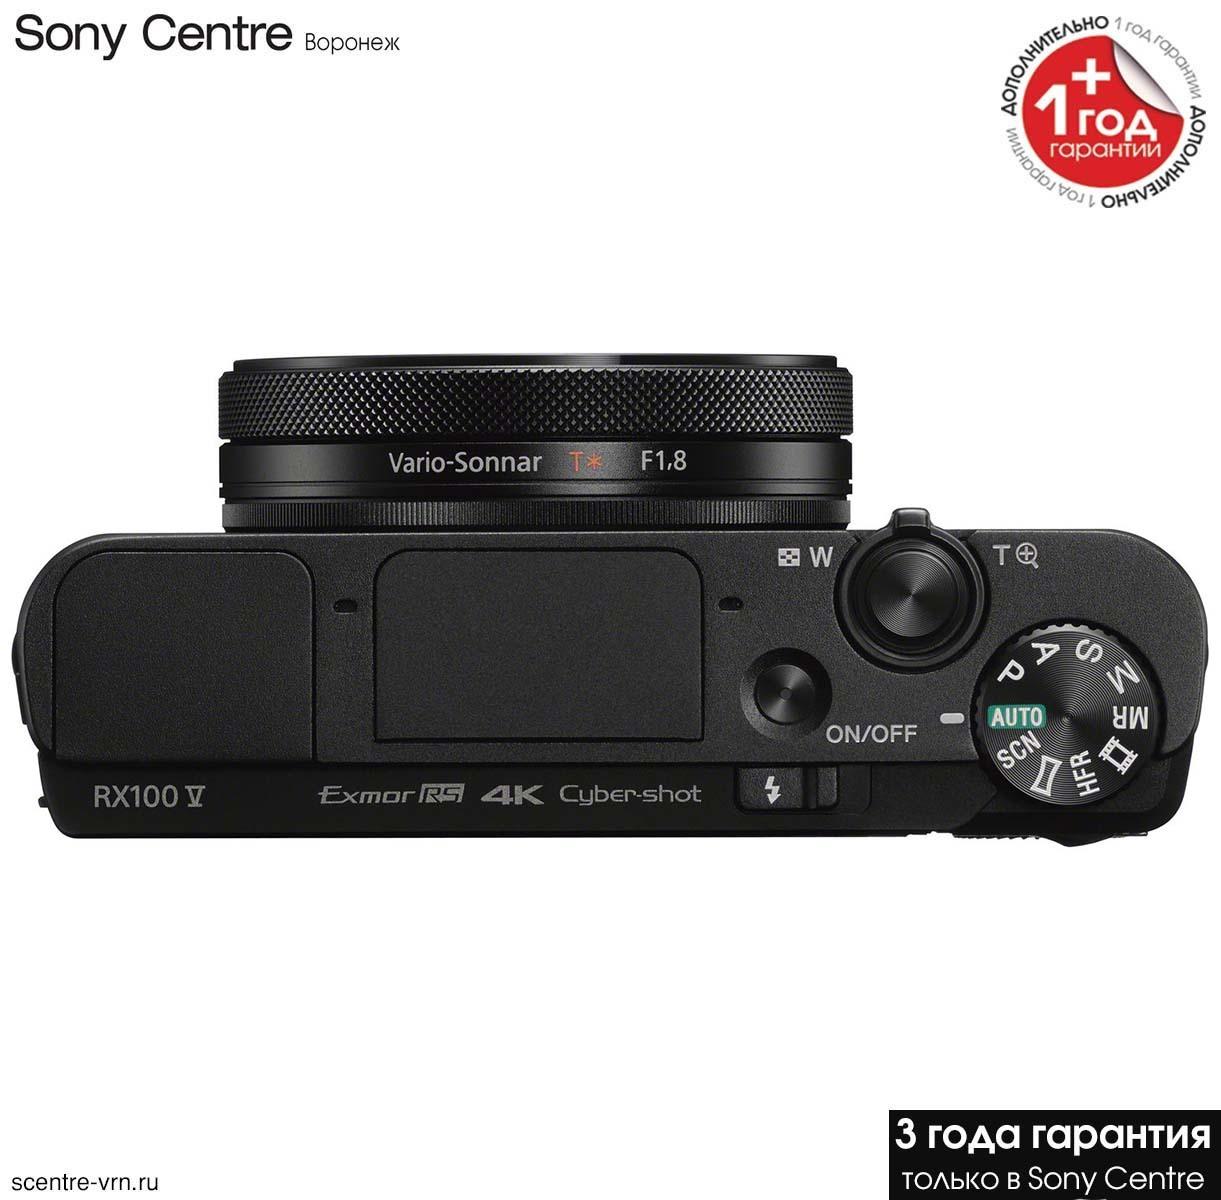 Фотоаппарат Sony RX100 VA купить в официальном интернет-магазине